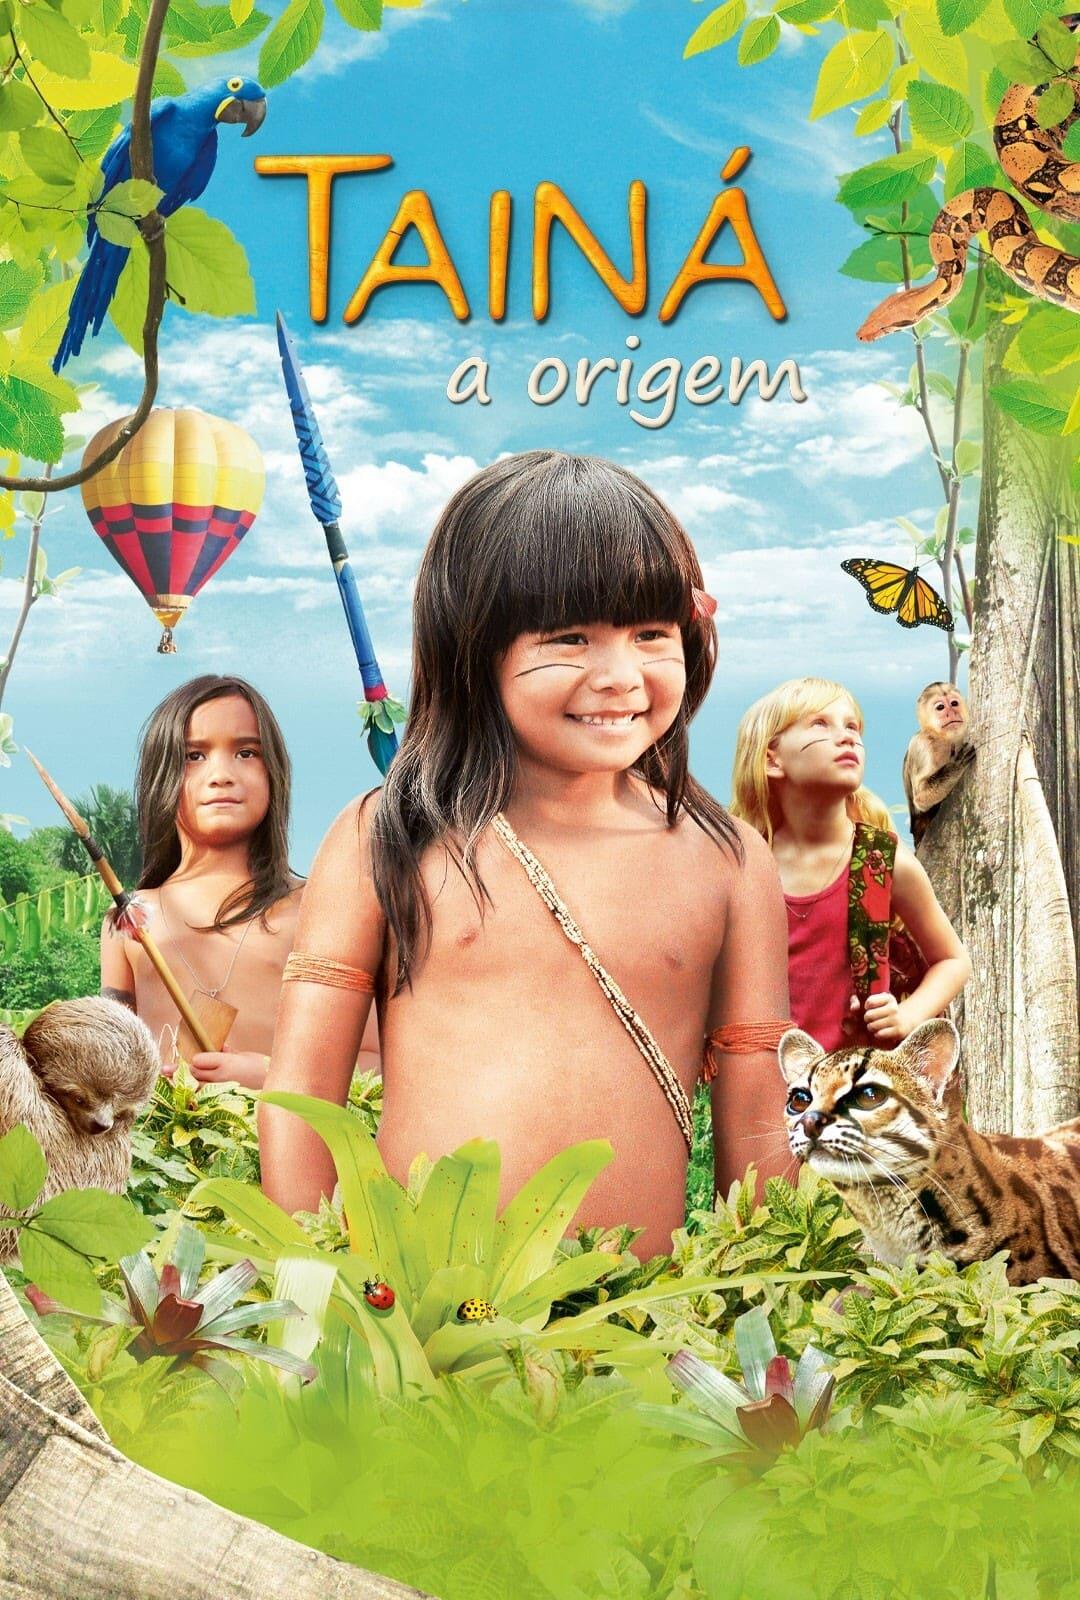 Tainá - An Amazon Legend